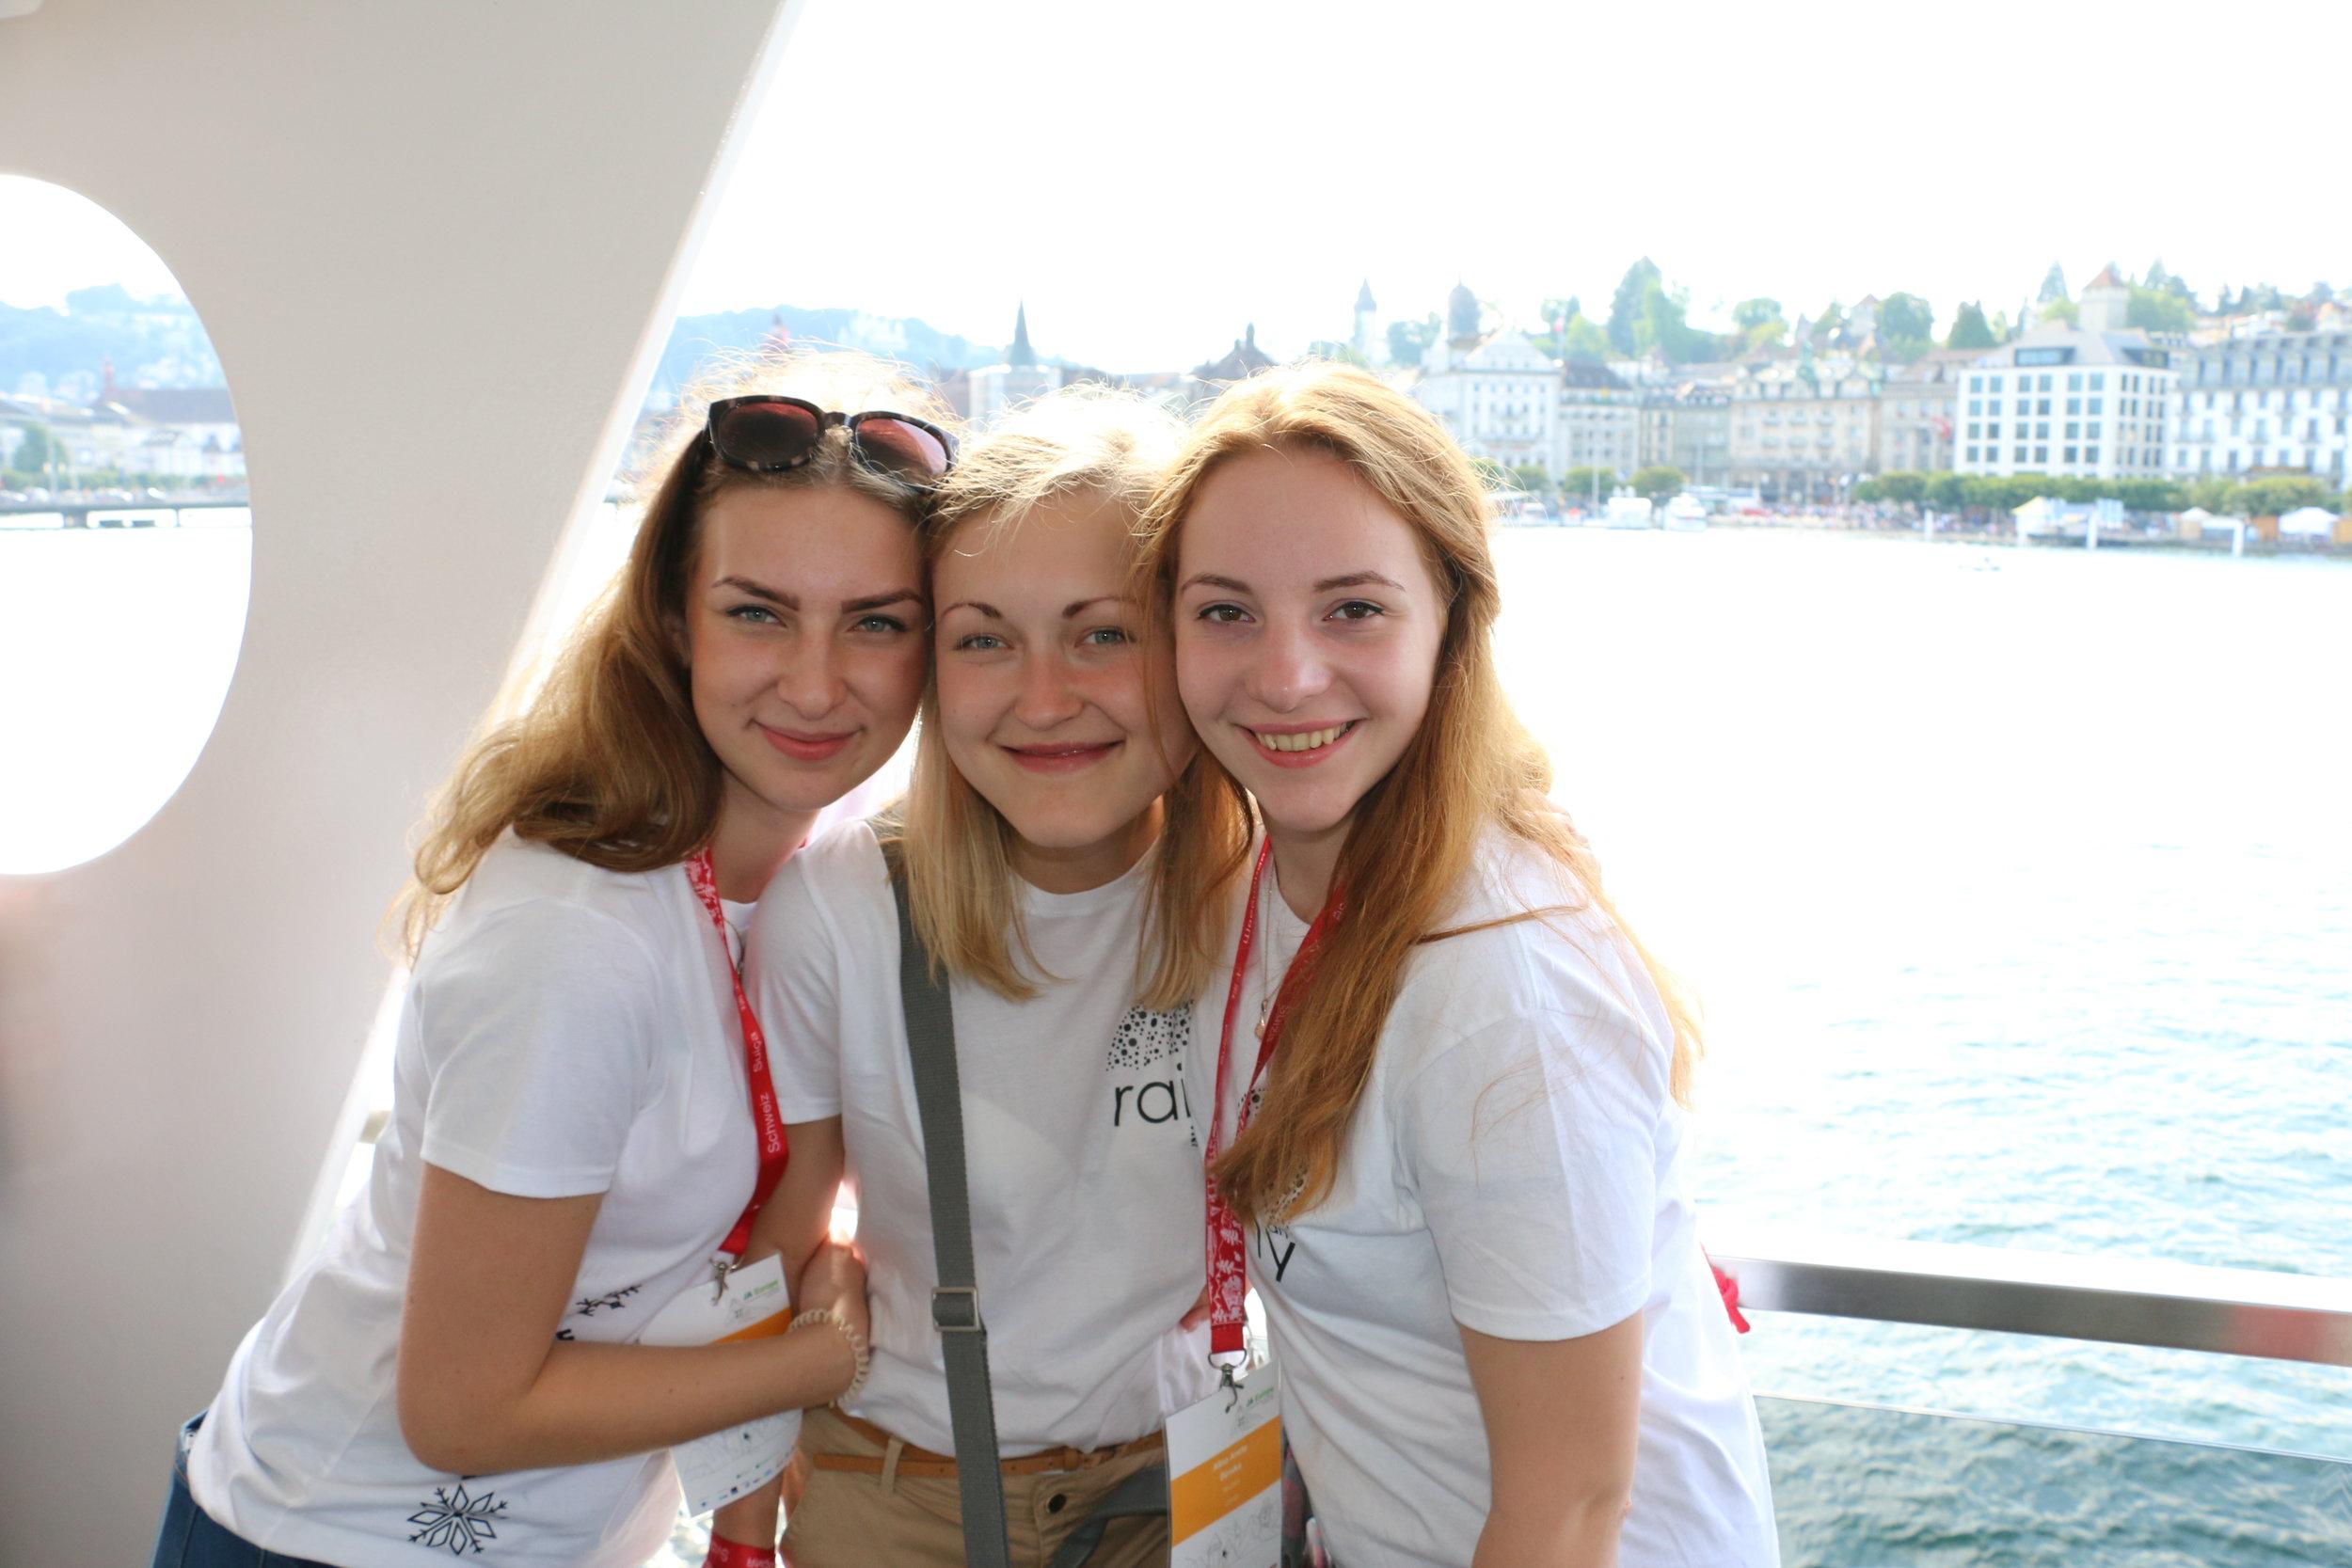 Agnese Slišāne kopā ar savām skolniecēm Alīnu un Zandu Šveicē, piedaloties starptautiskajā skolēnu mācību uzņēmumu konkursā.